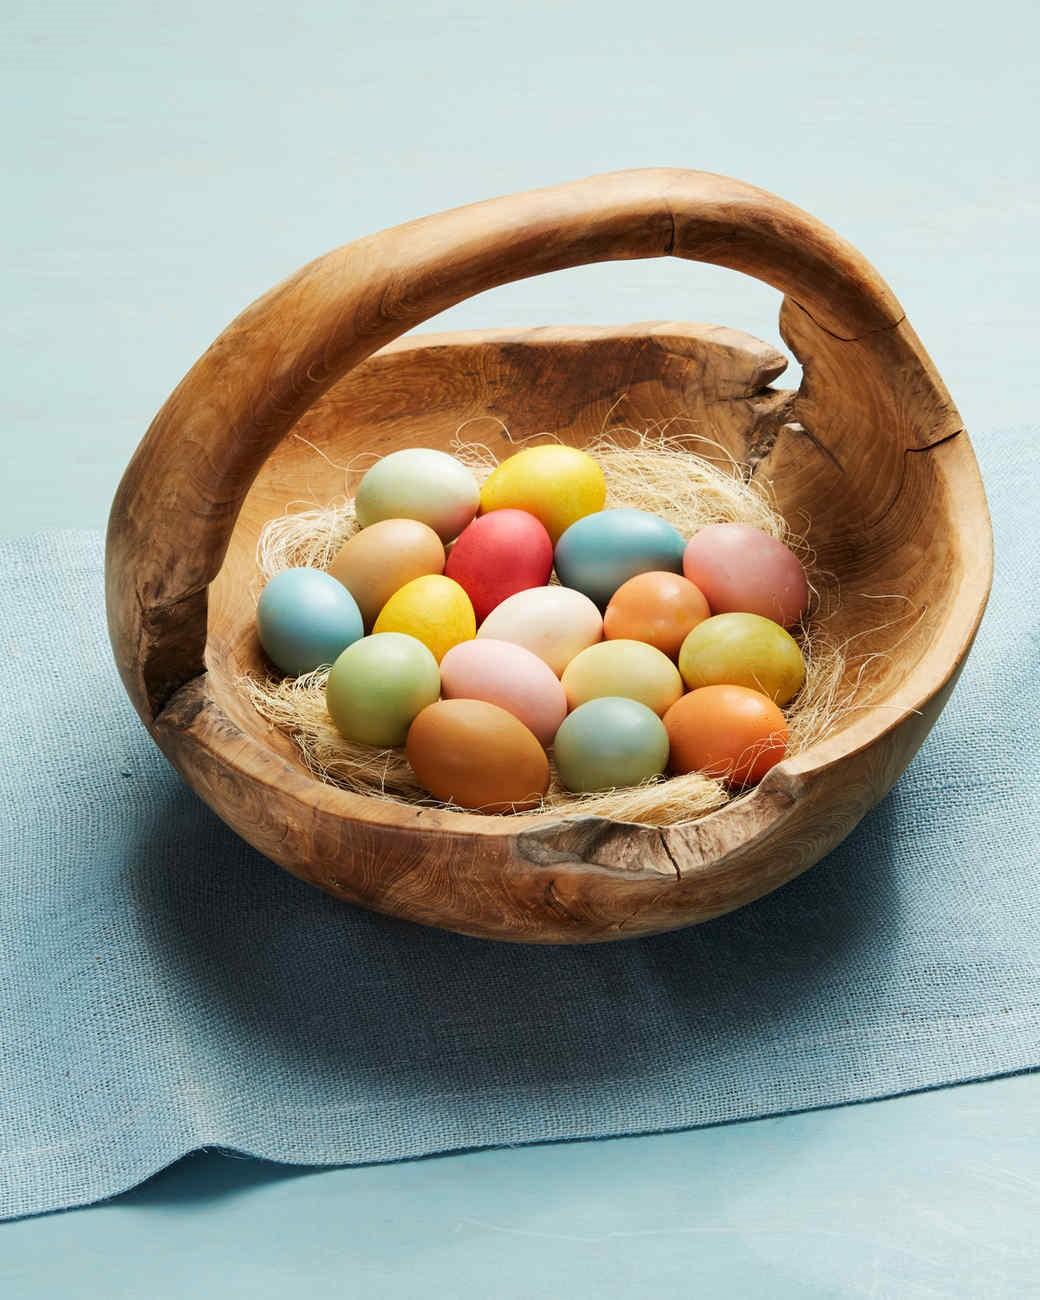 Bricolage de Pâques pour adultes: colorez les oeufs de Pâques à la maison.